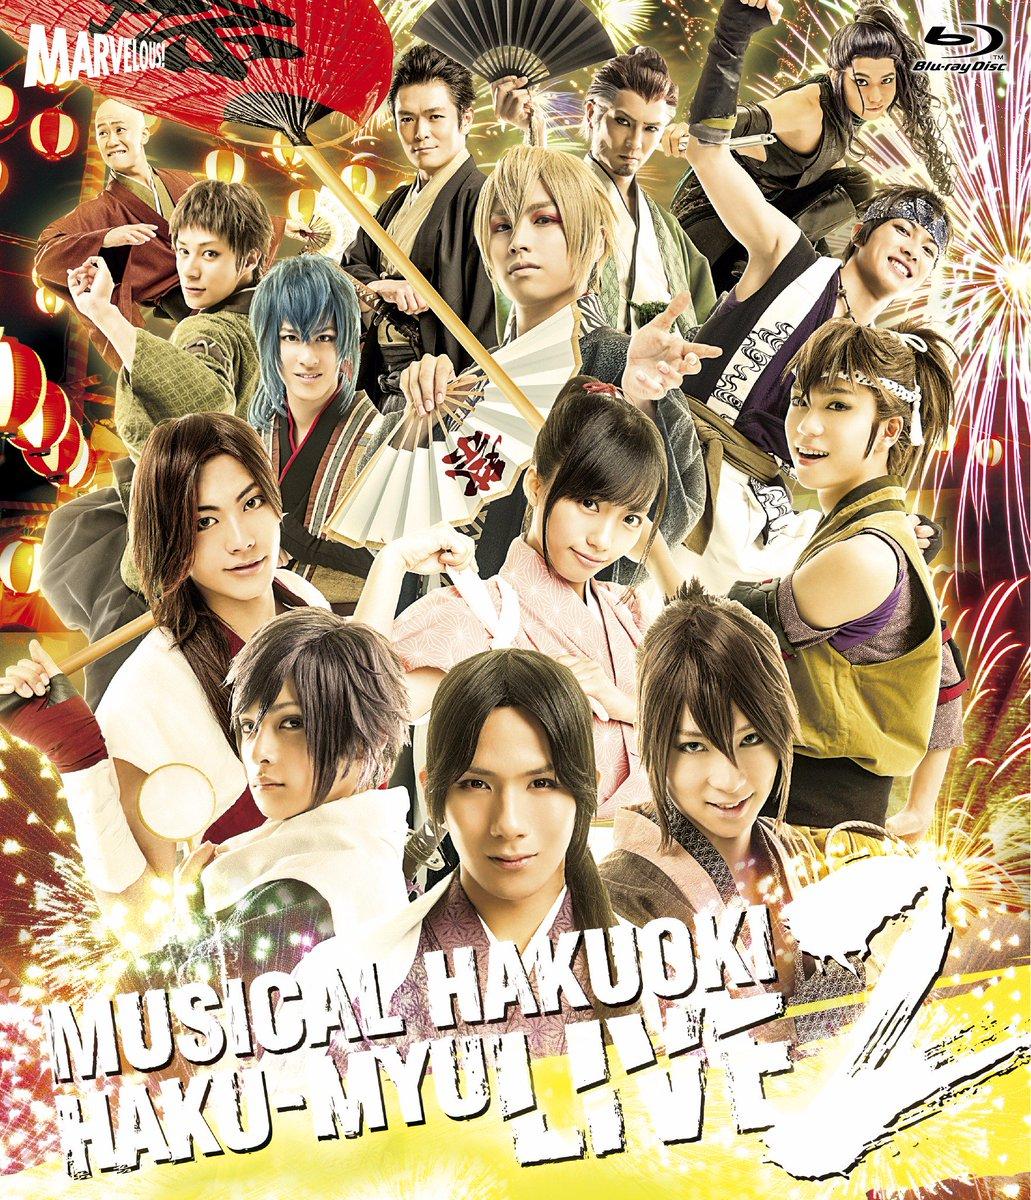 【本日発売!】本日12月7日よりミュージカル『薄桜鬼』HAKU-MYU LIVE 2のBD&DVDが全国のアニメ